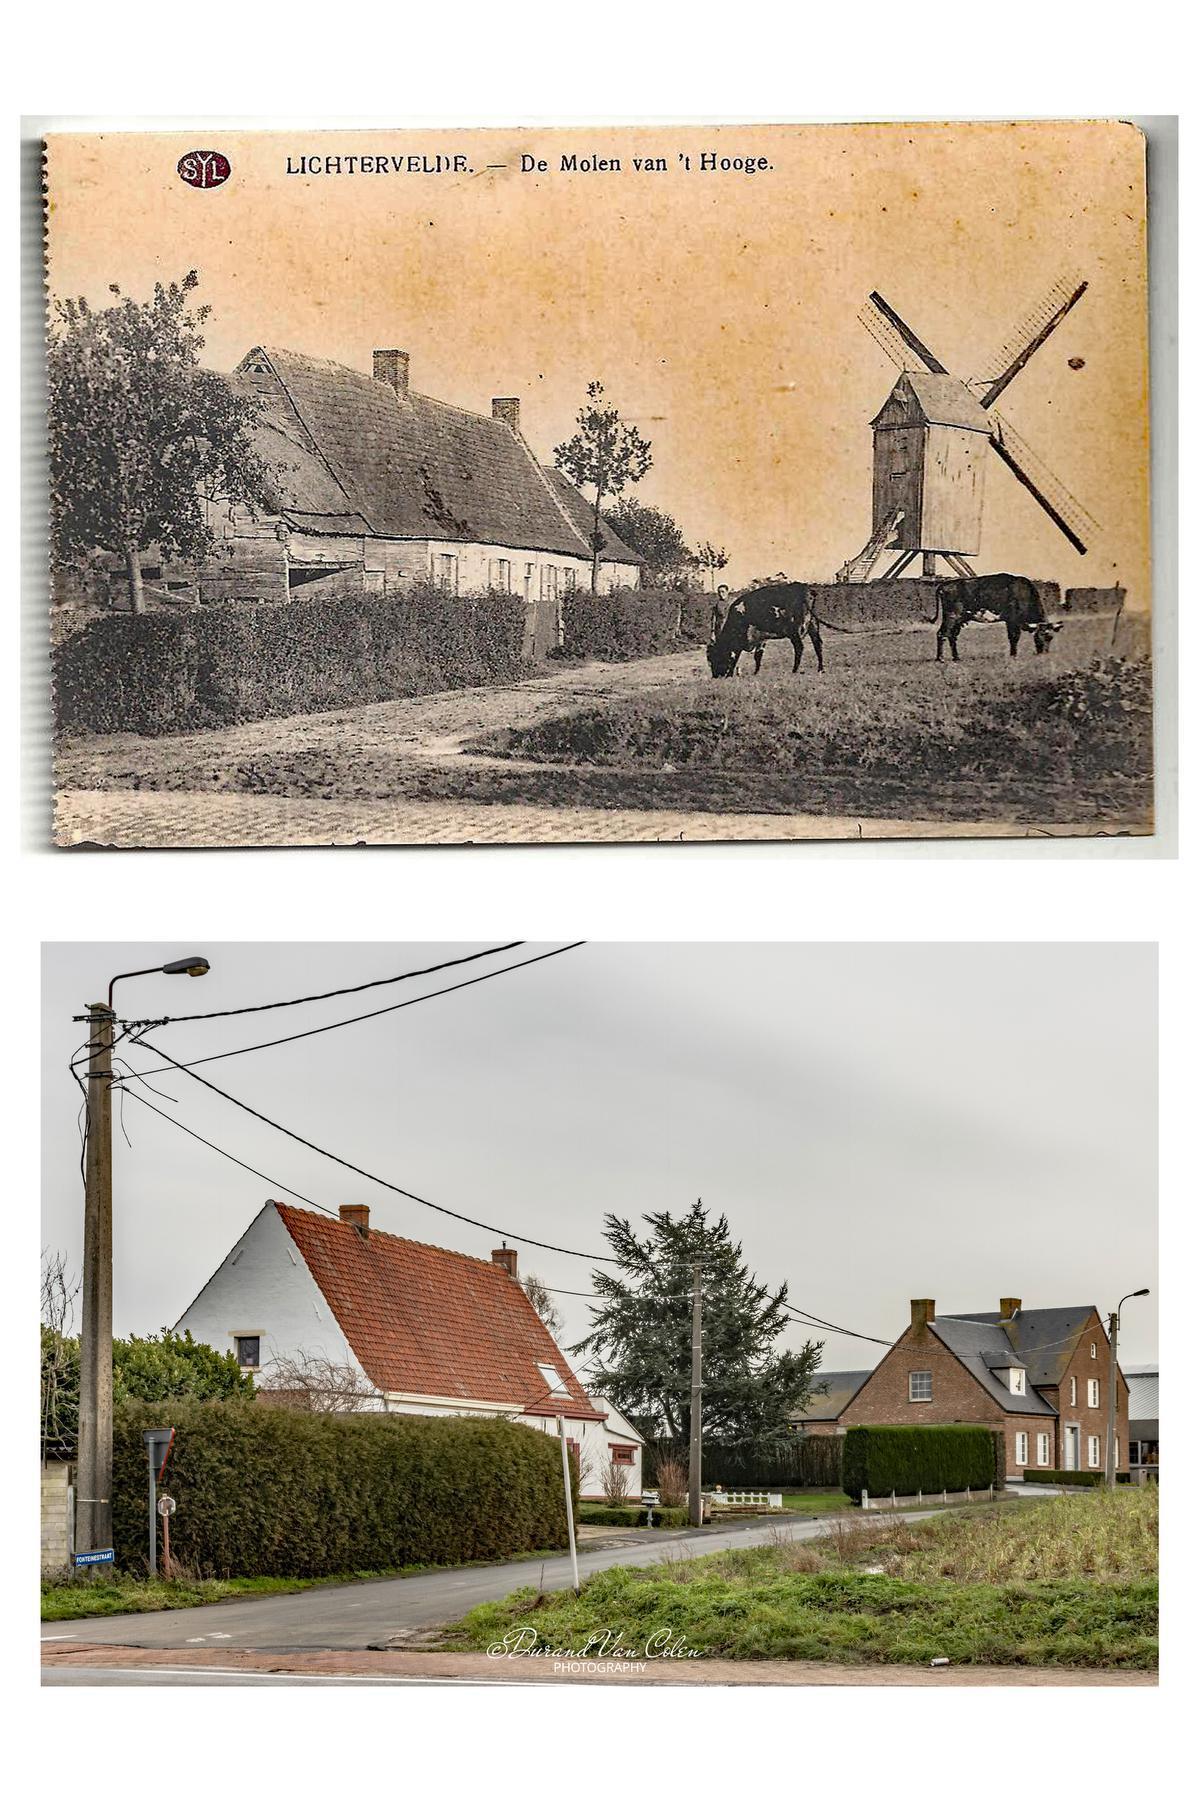 De molen van 't Hoge.